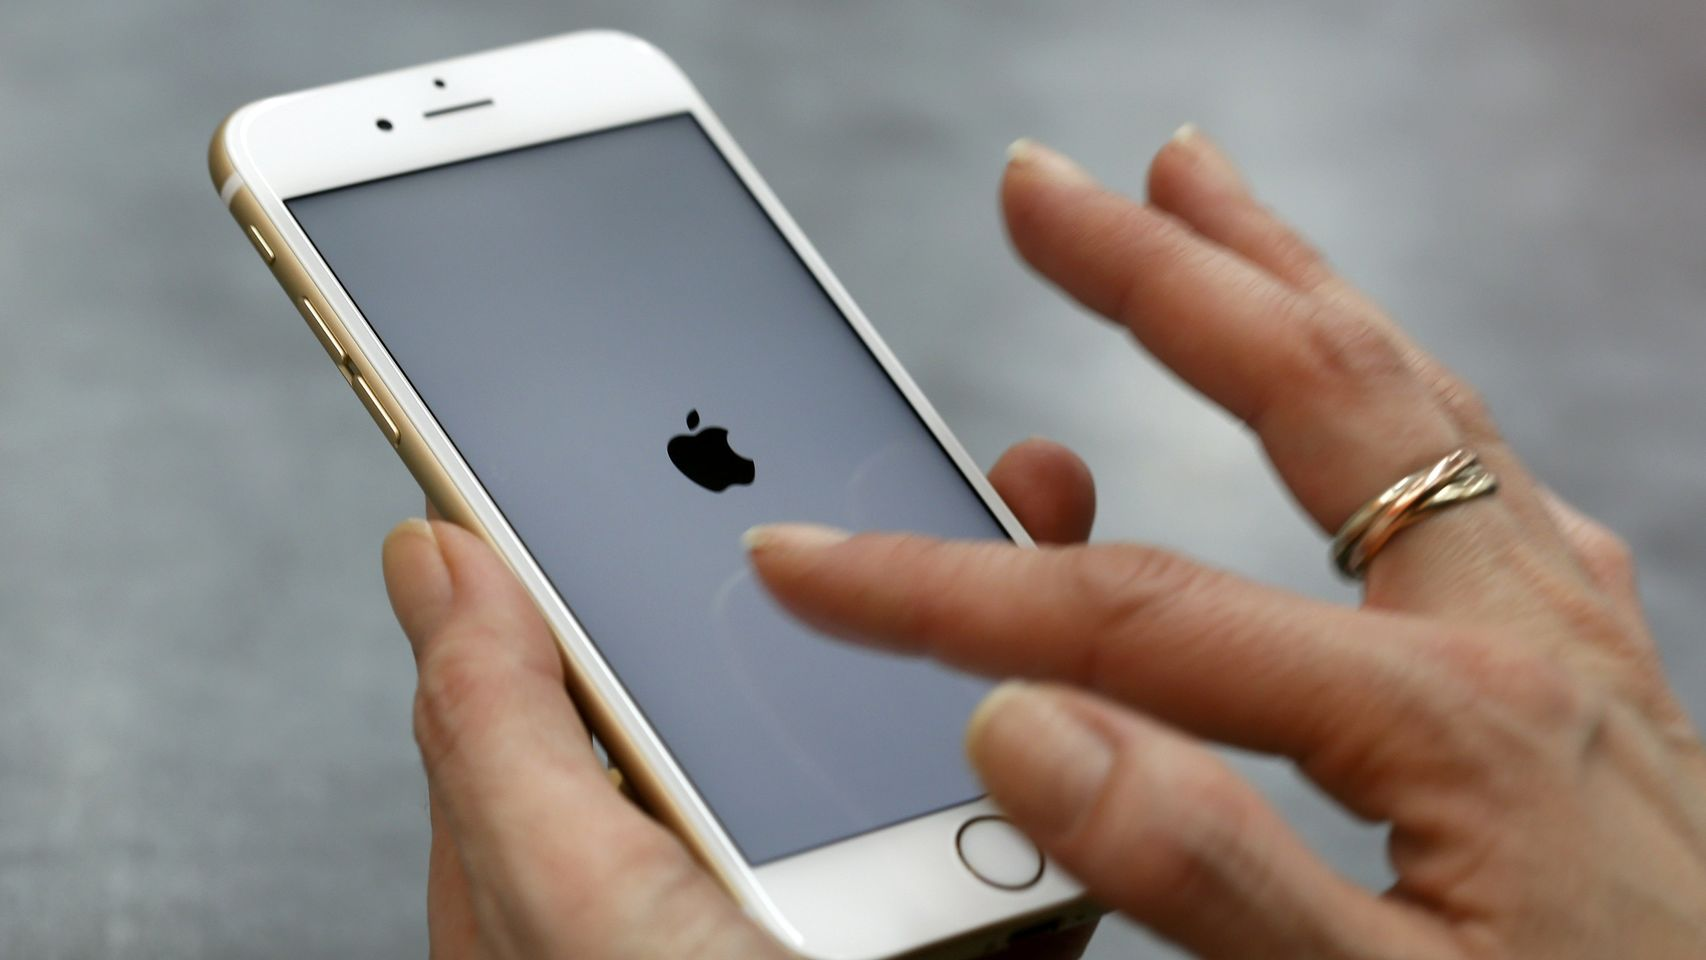 Come attivare facilmente un iPhone bloccato 5